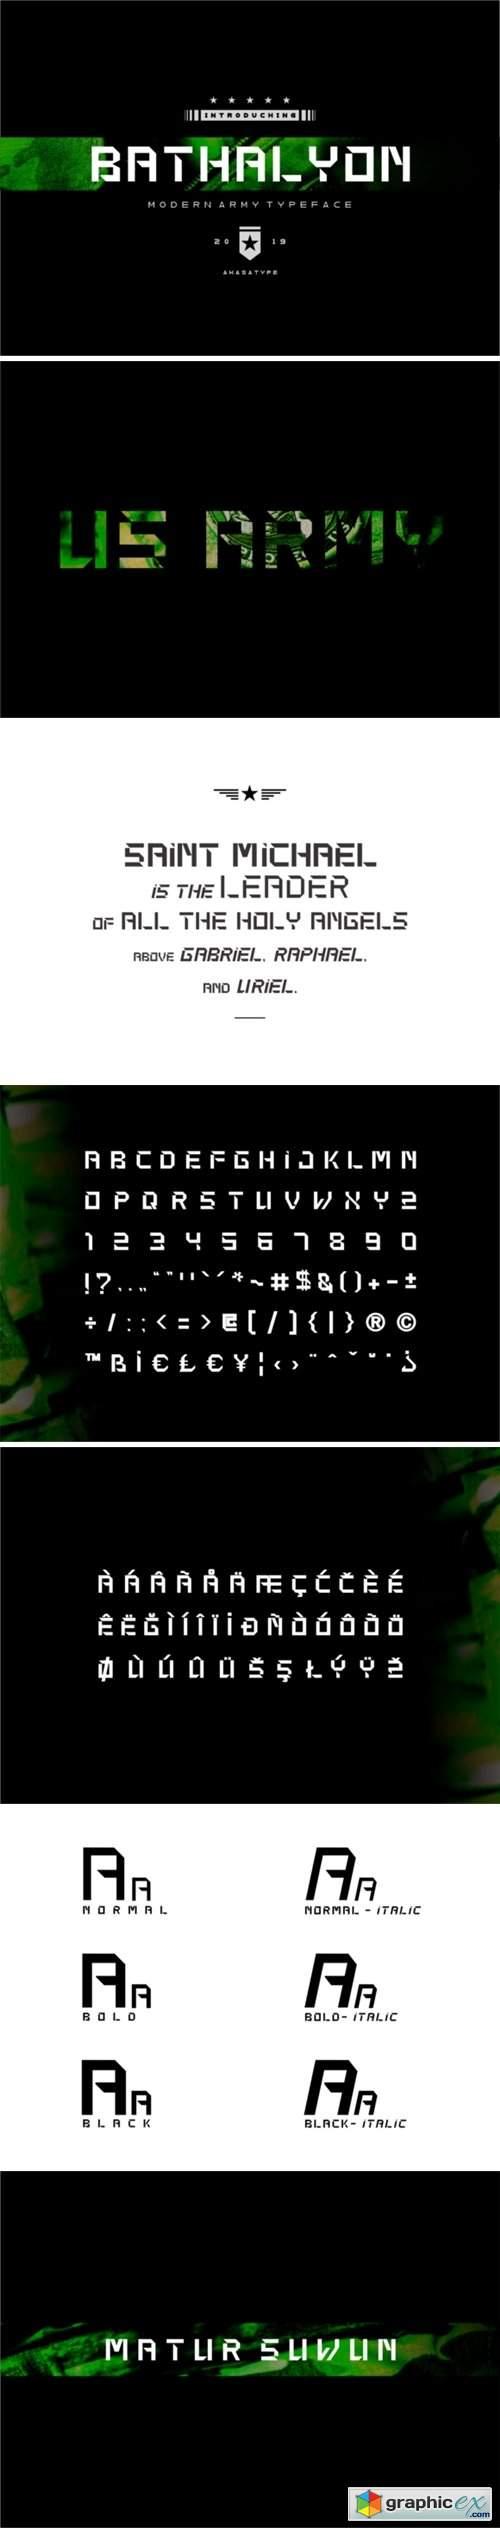 Bathalyon Army Font